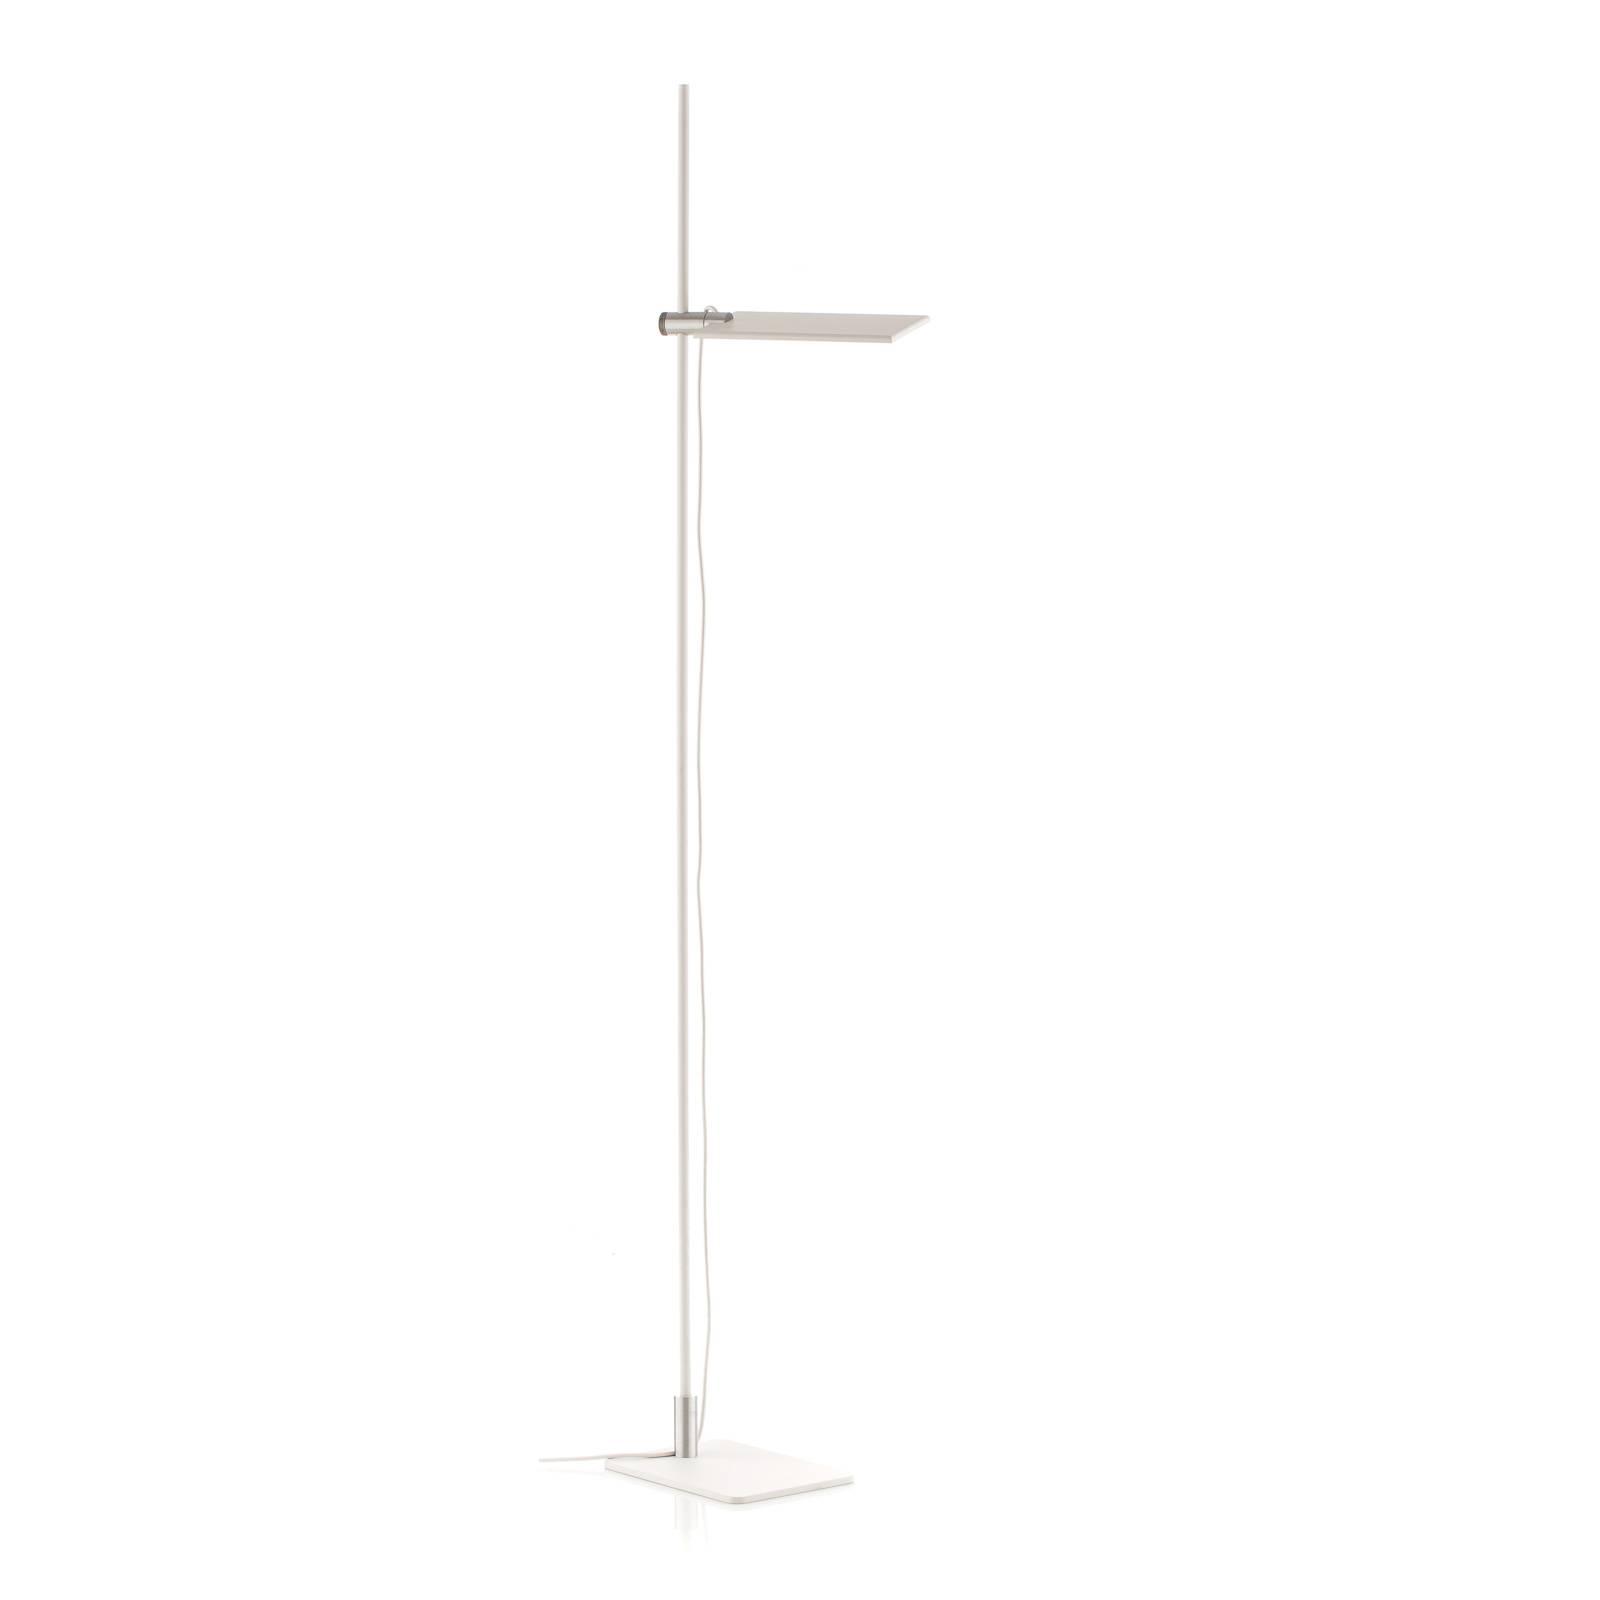 stehlampen und andere lampen von mini tallux online kaufen bei m bel garten. Black Bedroom Furniture Sets. Home Design Ideas